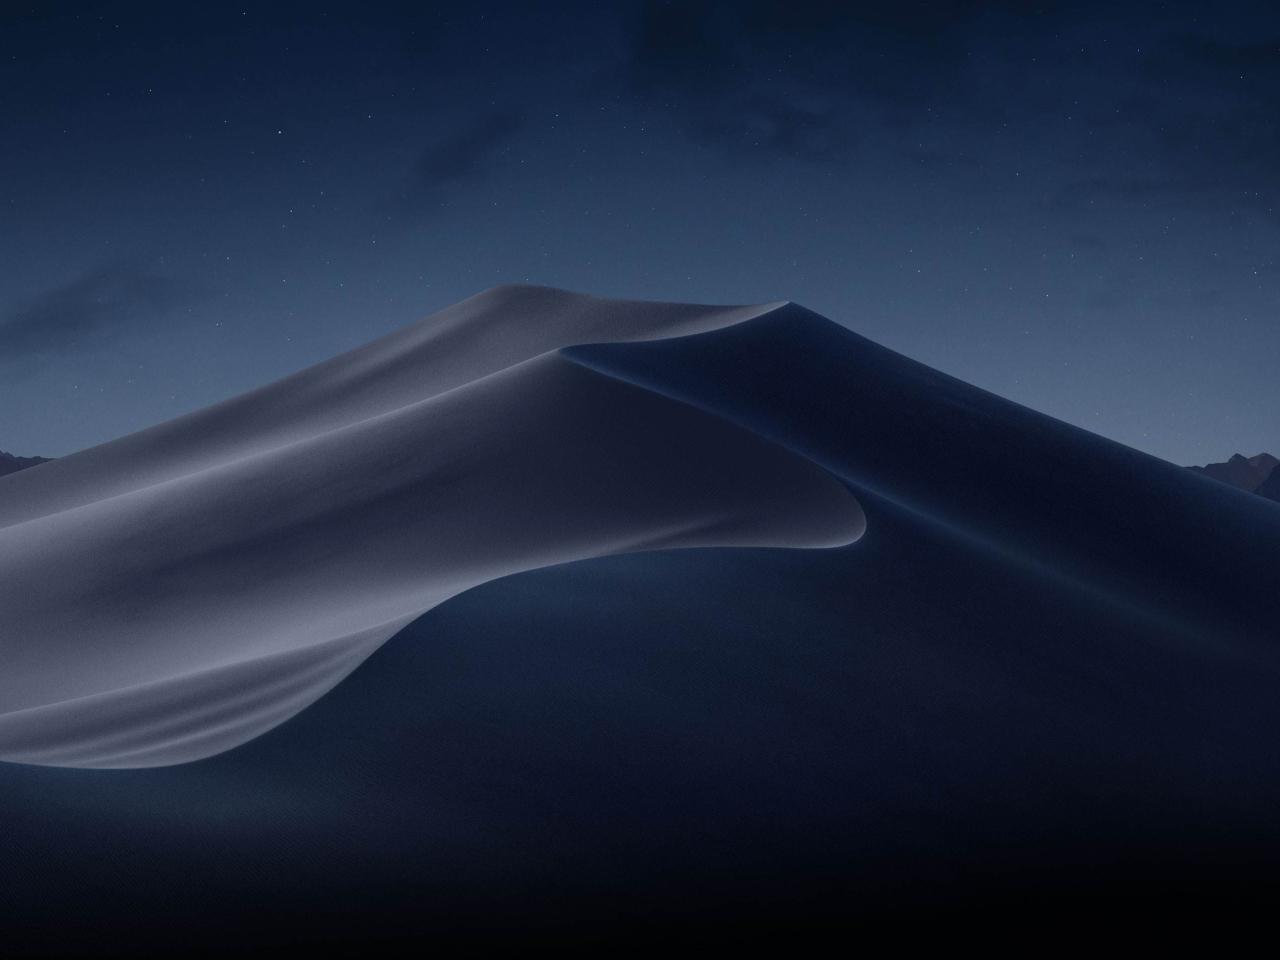 Desert Macos Mojave Stock, HD 4K Wallpaper